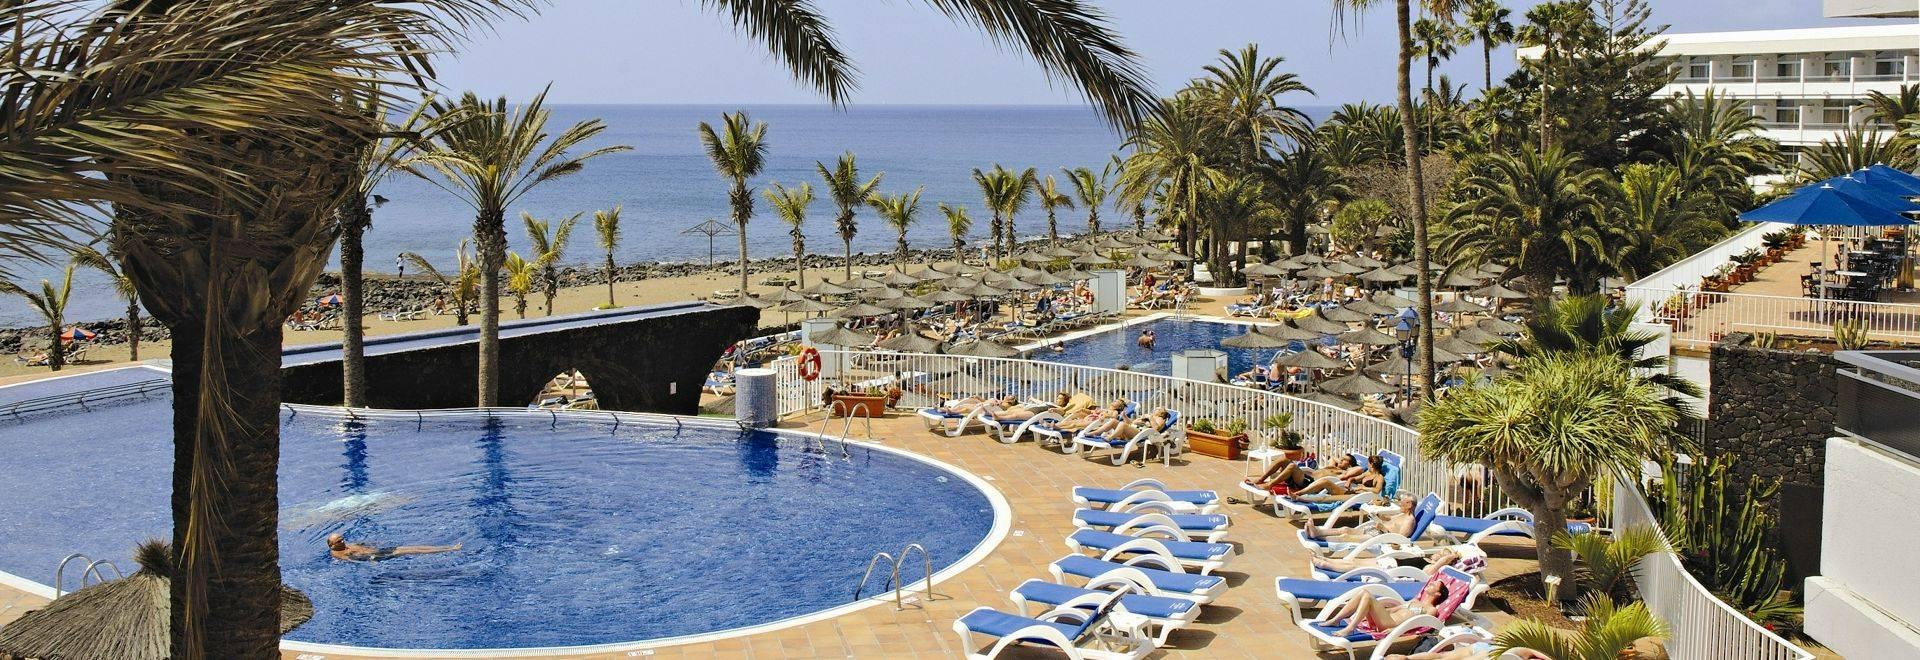 Copia De Piscina Y Playa